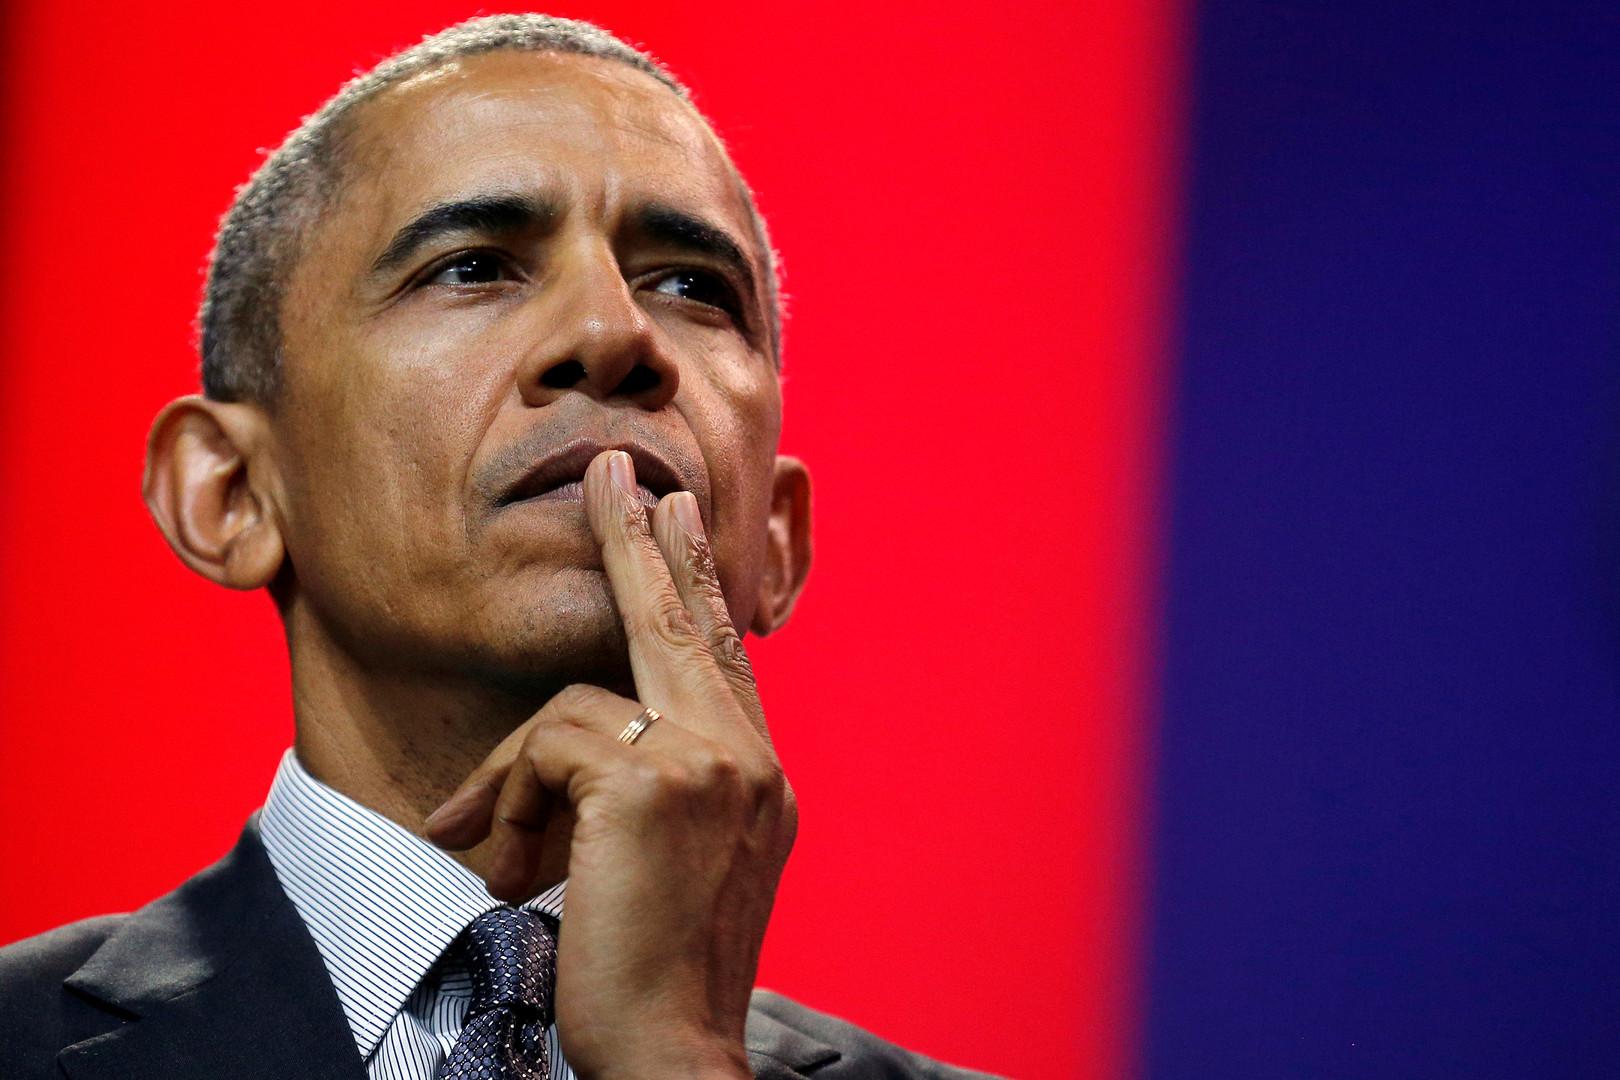 Президент на выезде: куда ещё напоследок стоит съездить Бараку Обаме